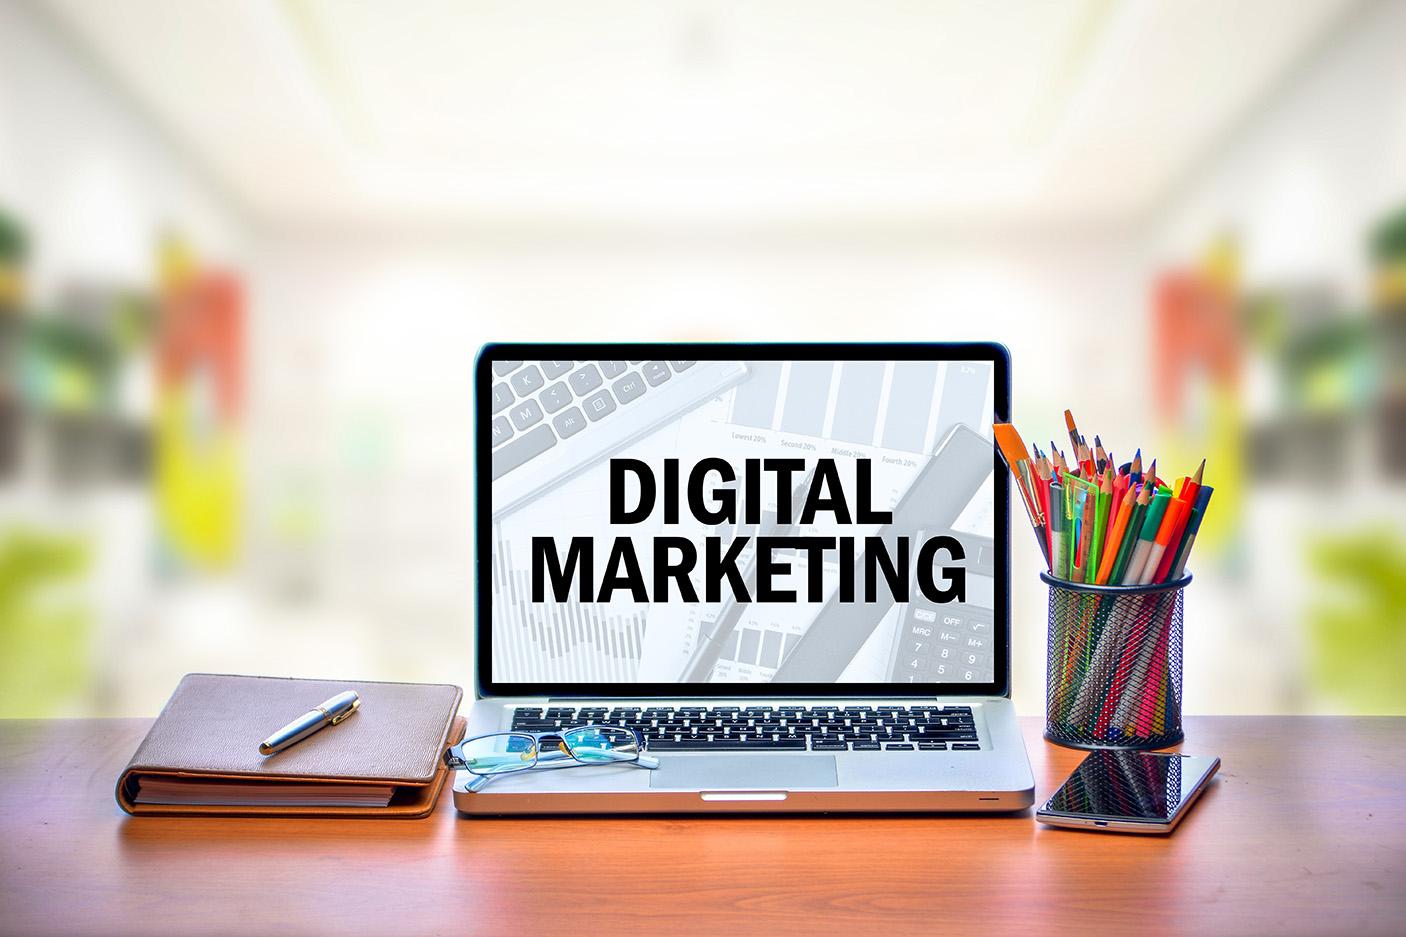 マーケティング と は デジタル